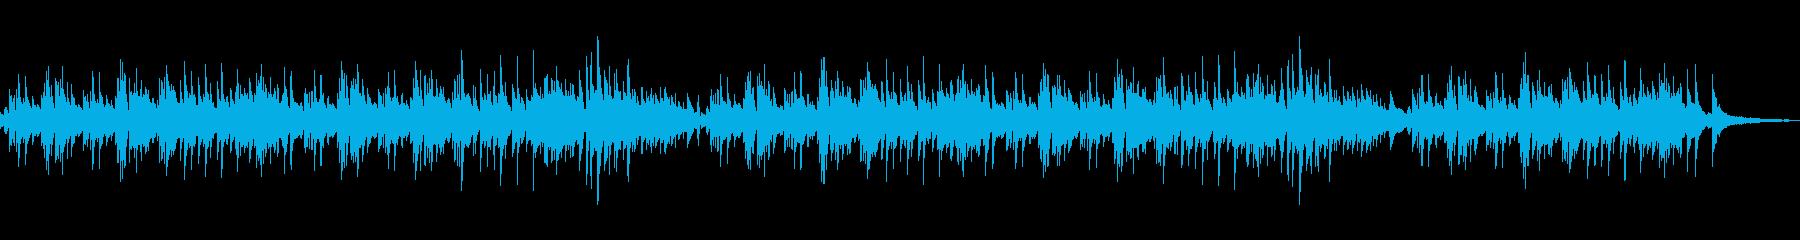 爽やかで軽い感じ 映像向け■ ピアノソロの再生済みの波形